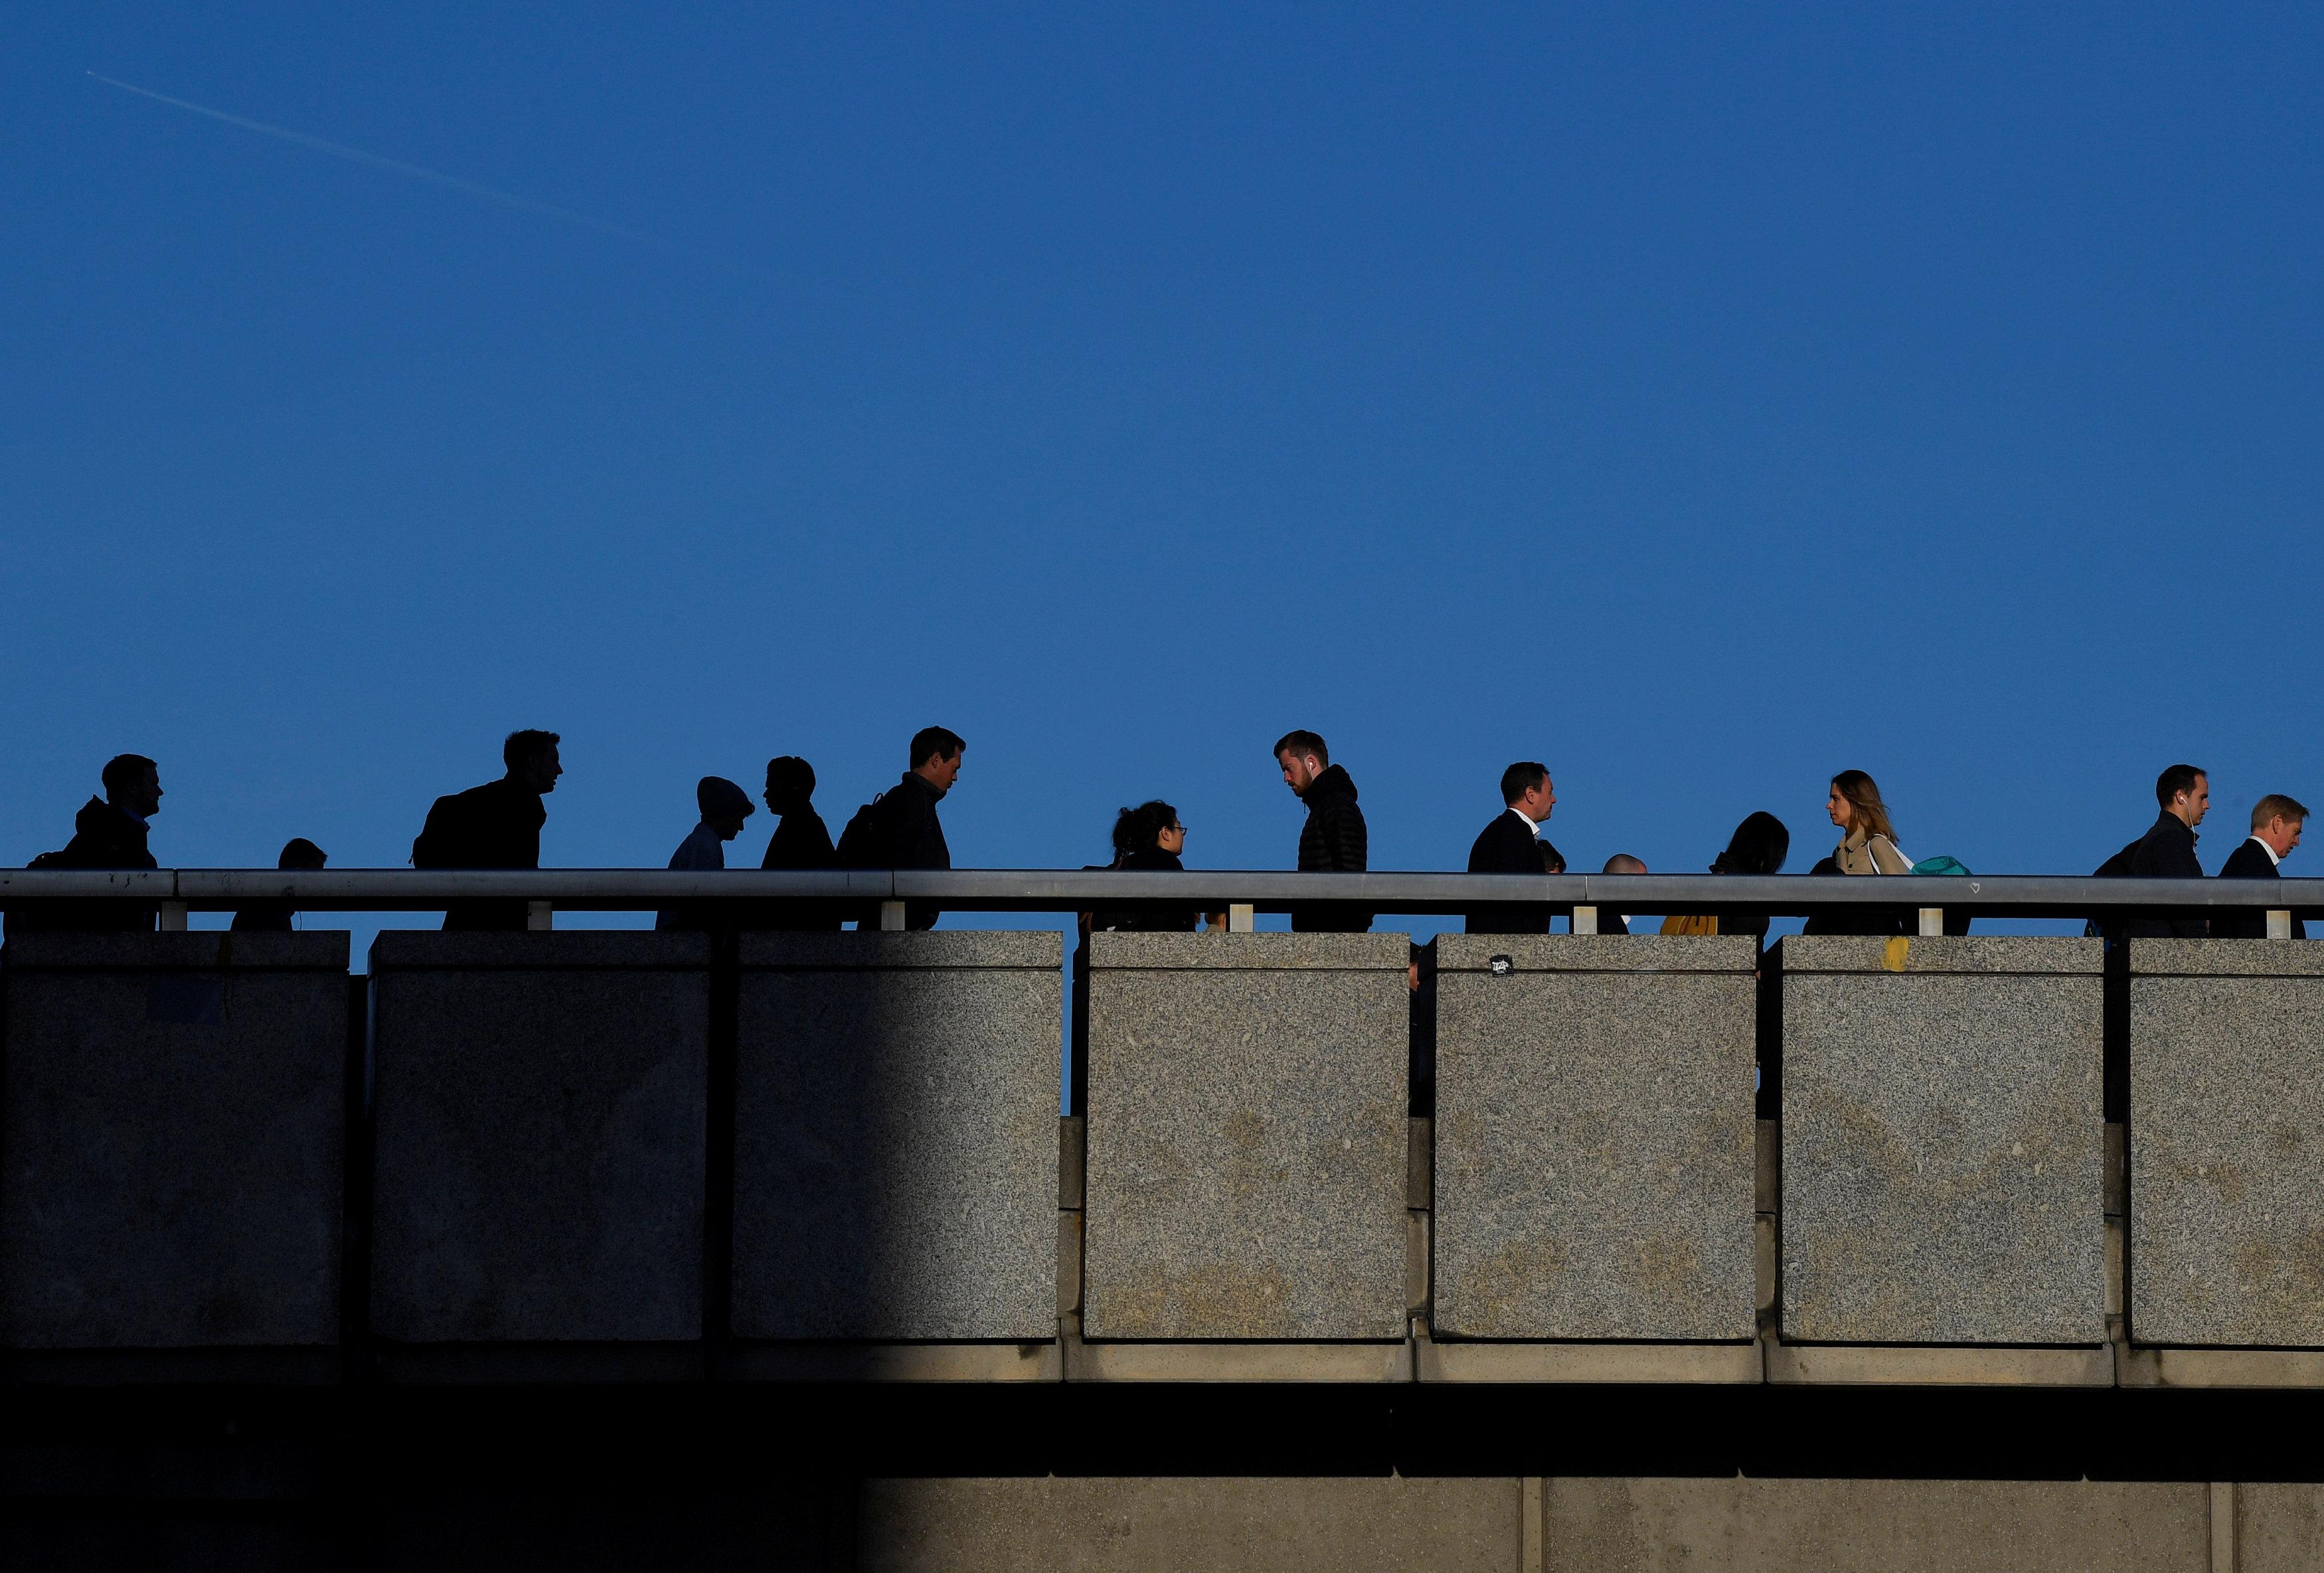 موظفون على جسر لندن يخشون المستقبل بعد بركست